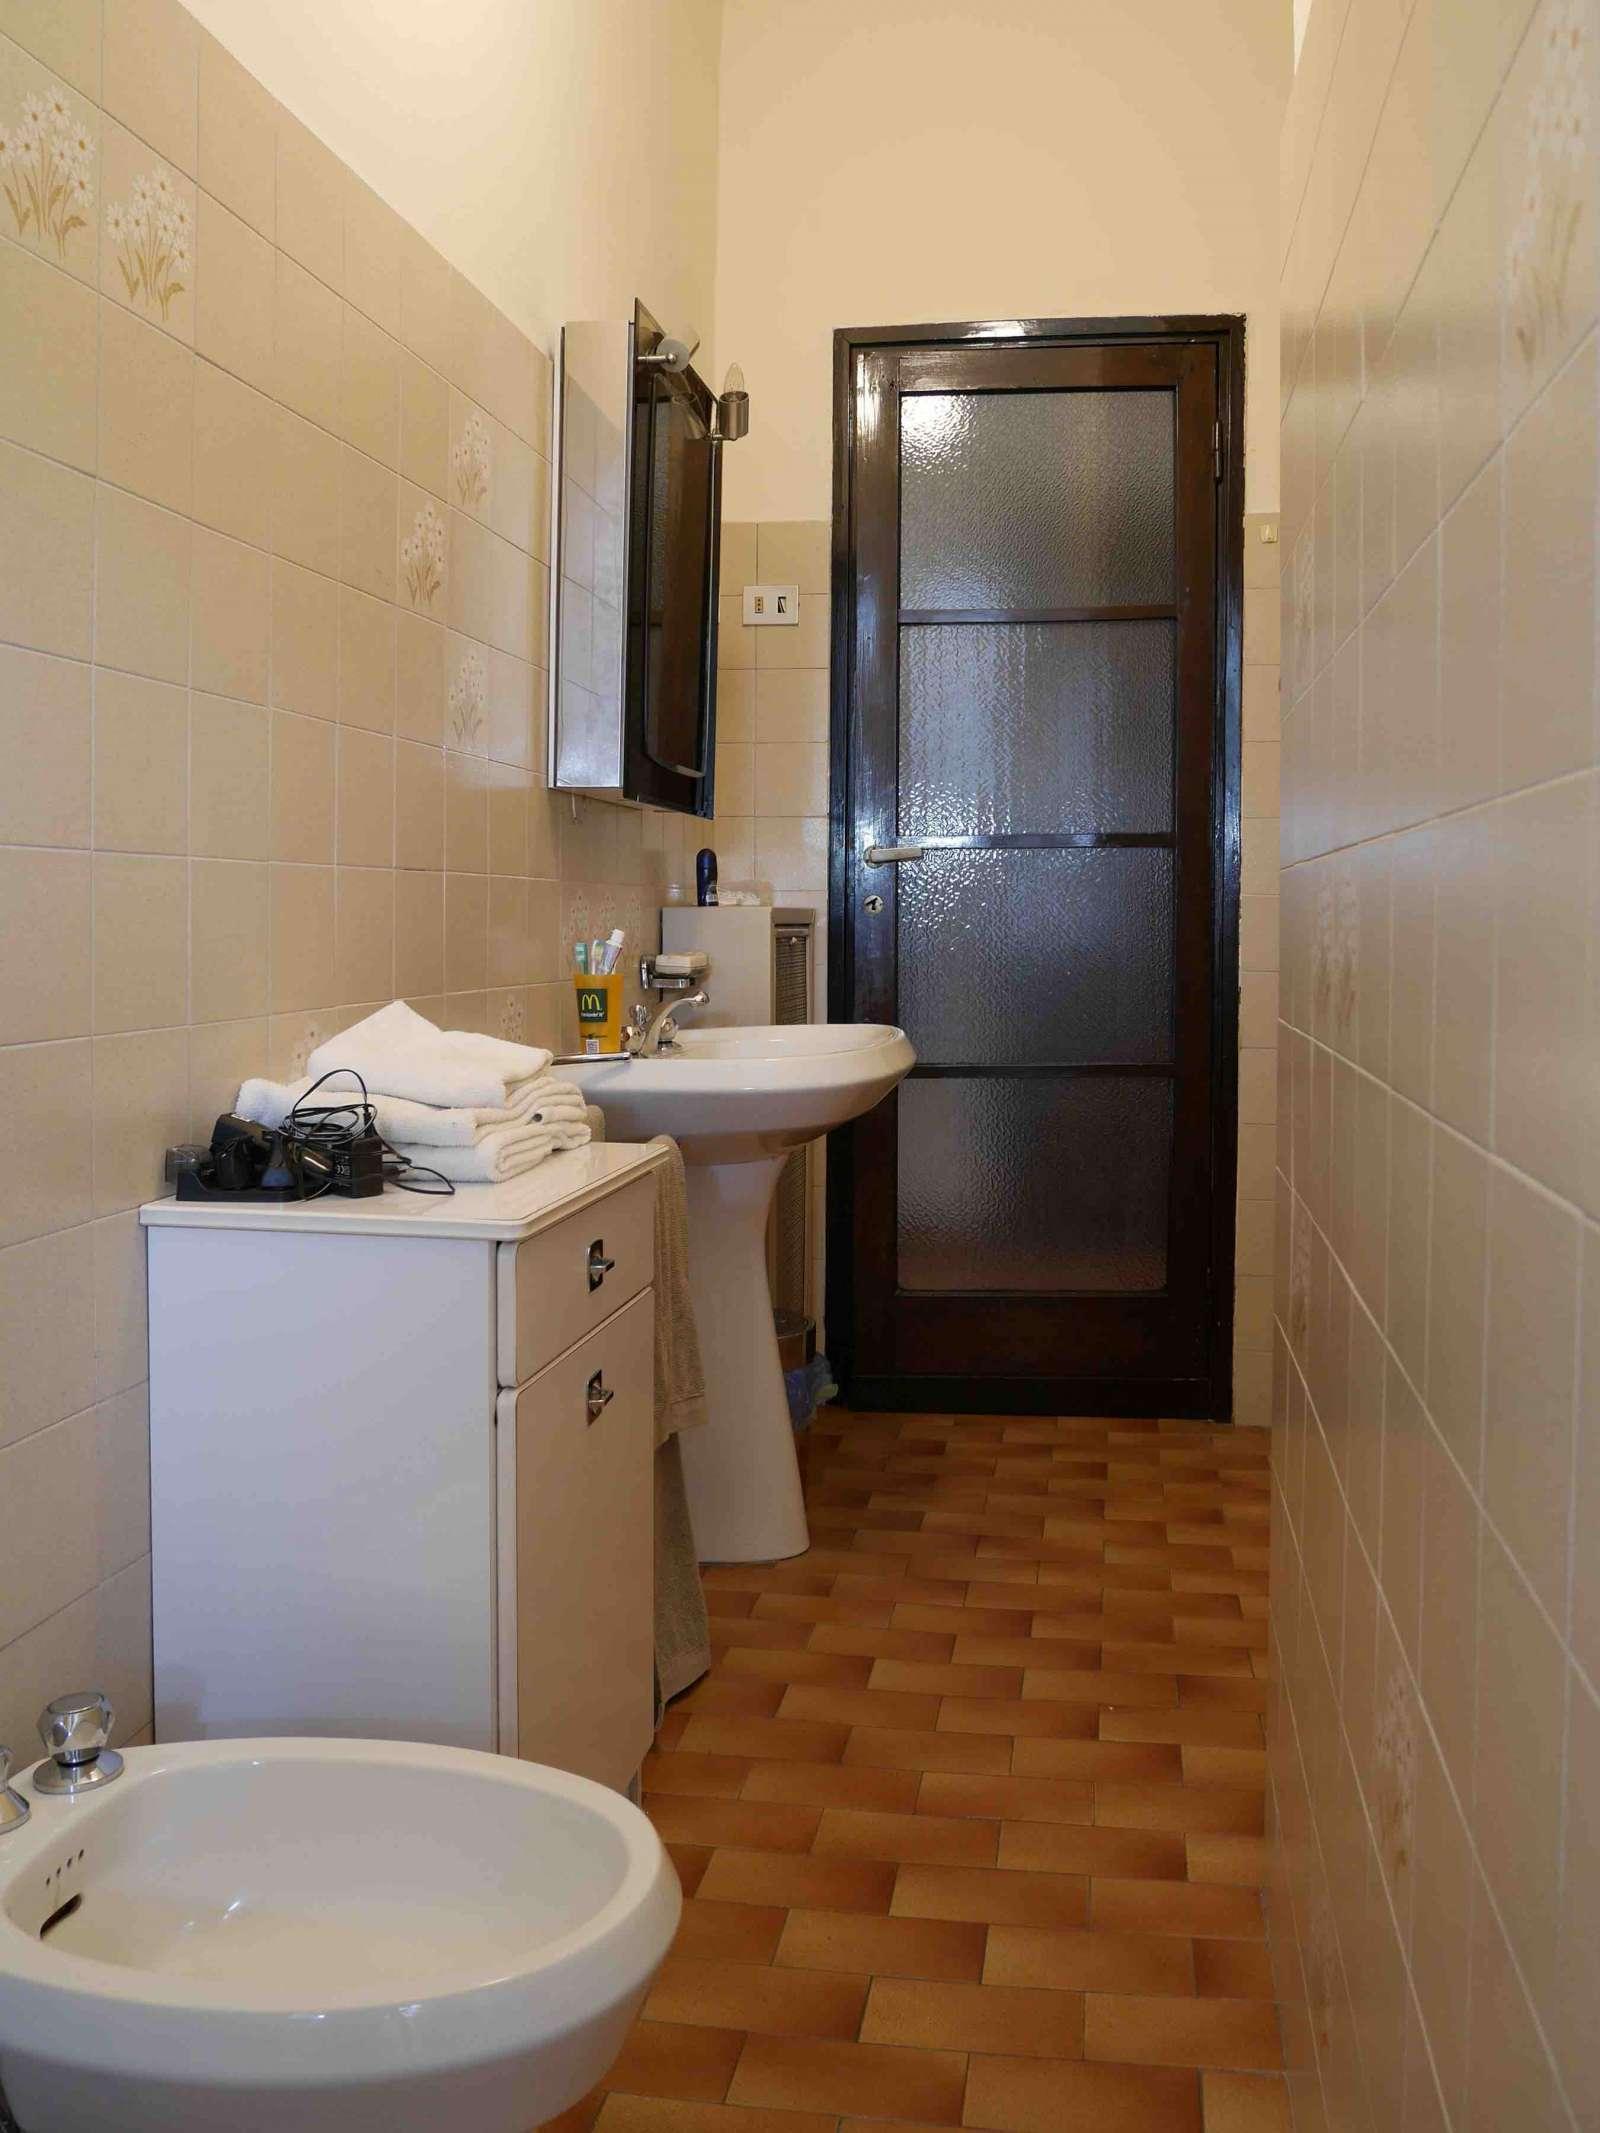 Stanza in affitto in appartamento con 1 camera da letto a citt studi milano ref 166409 - Posso andare in bagno in inglese ...